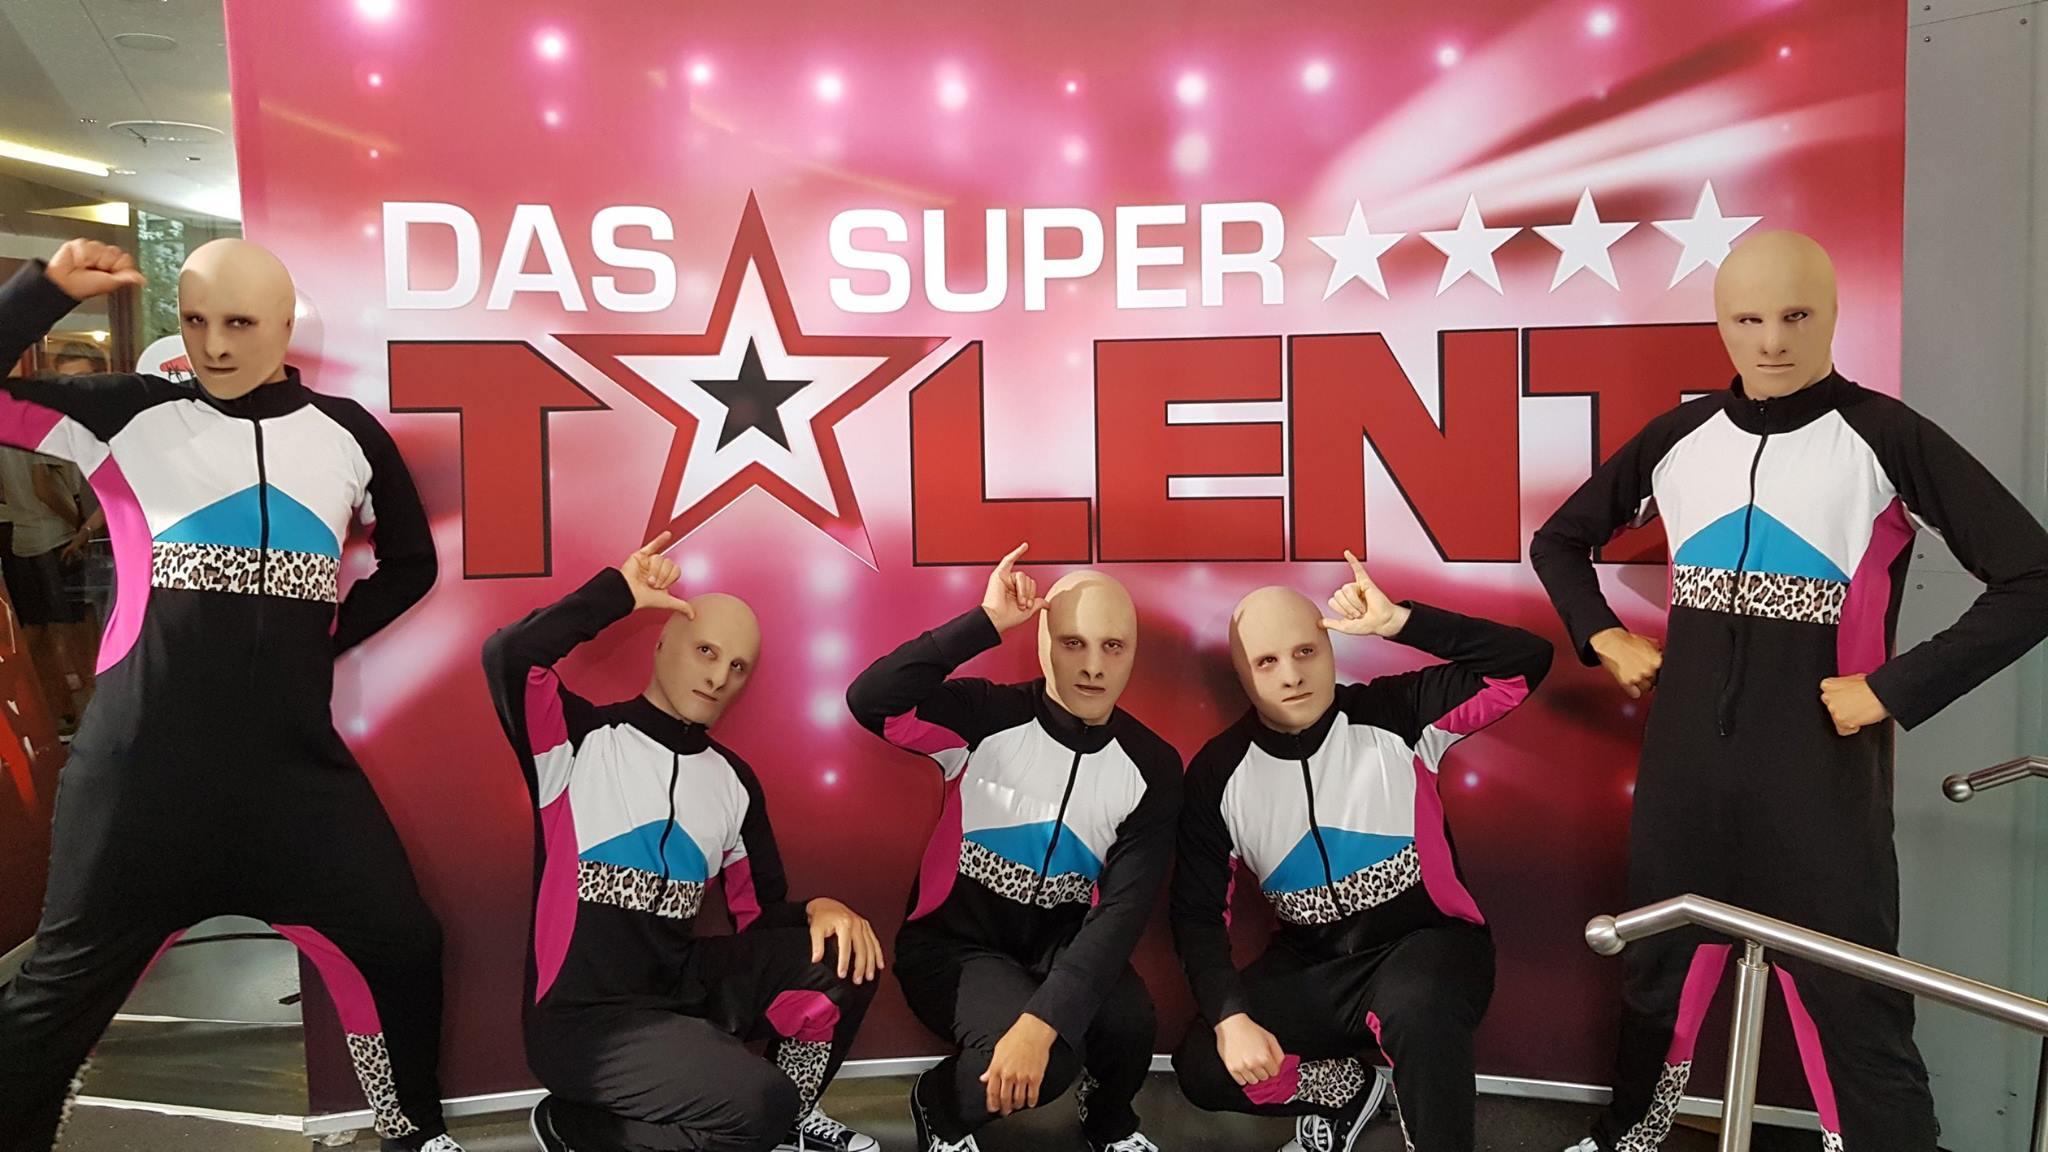 Baba Yega 2e bij Das Supertalent